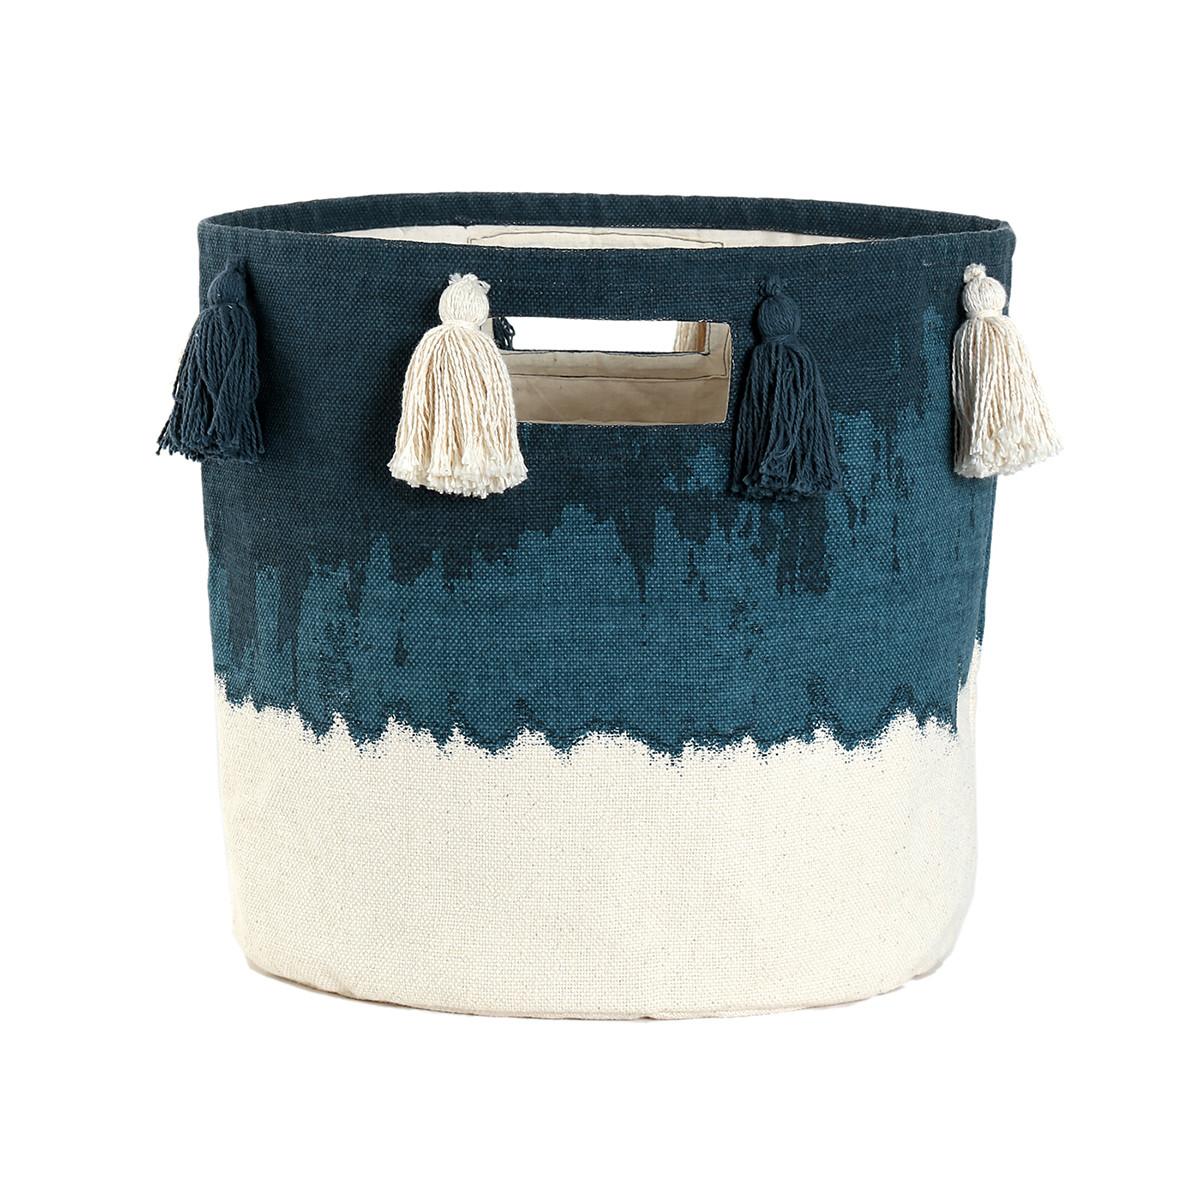 Καλάθι Αποθήκευσης Nef-Nef Blue Collection Oceanis home   διακόσμηση   κουτιά αποθήκευσης   καλάθια